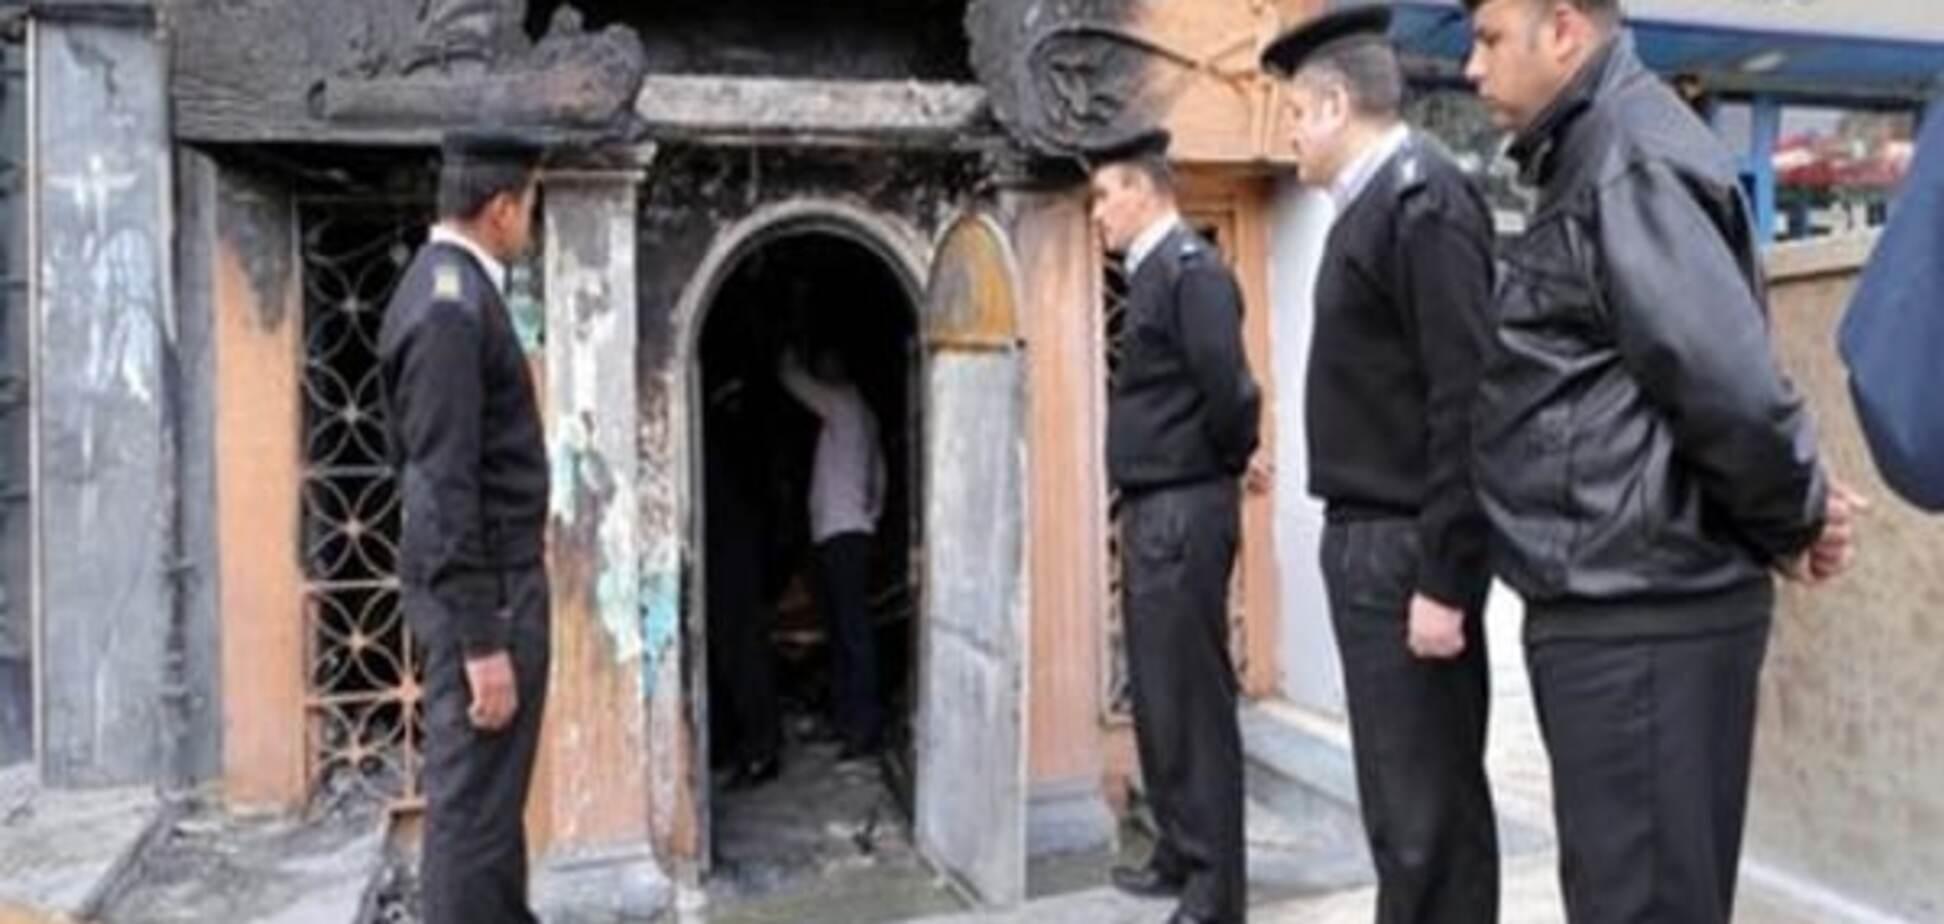 16 людей загинули внаслідок підпалу нічного клубу в Каїрі